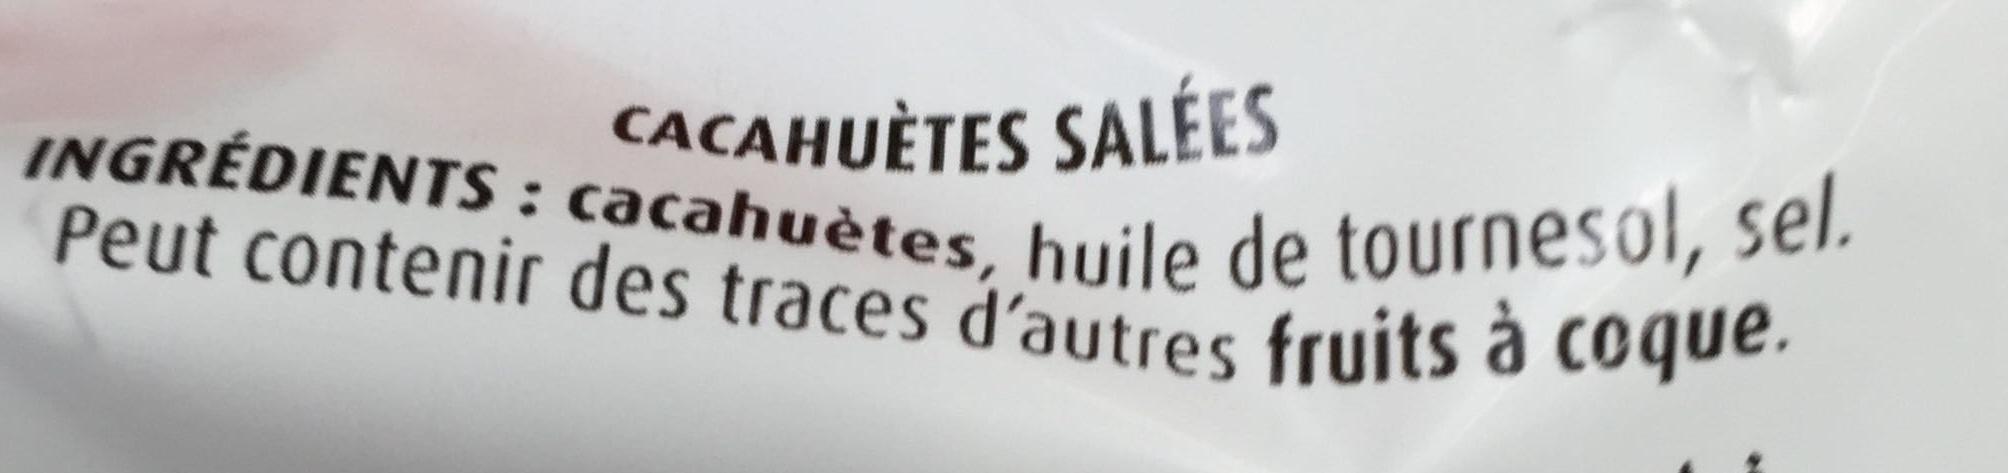 Cacahuètes délicatement salées extra croquantes - Ingredients - fr